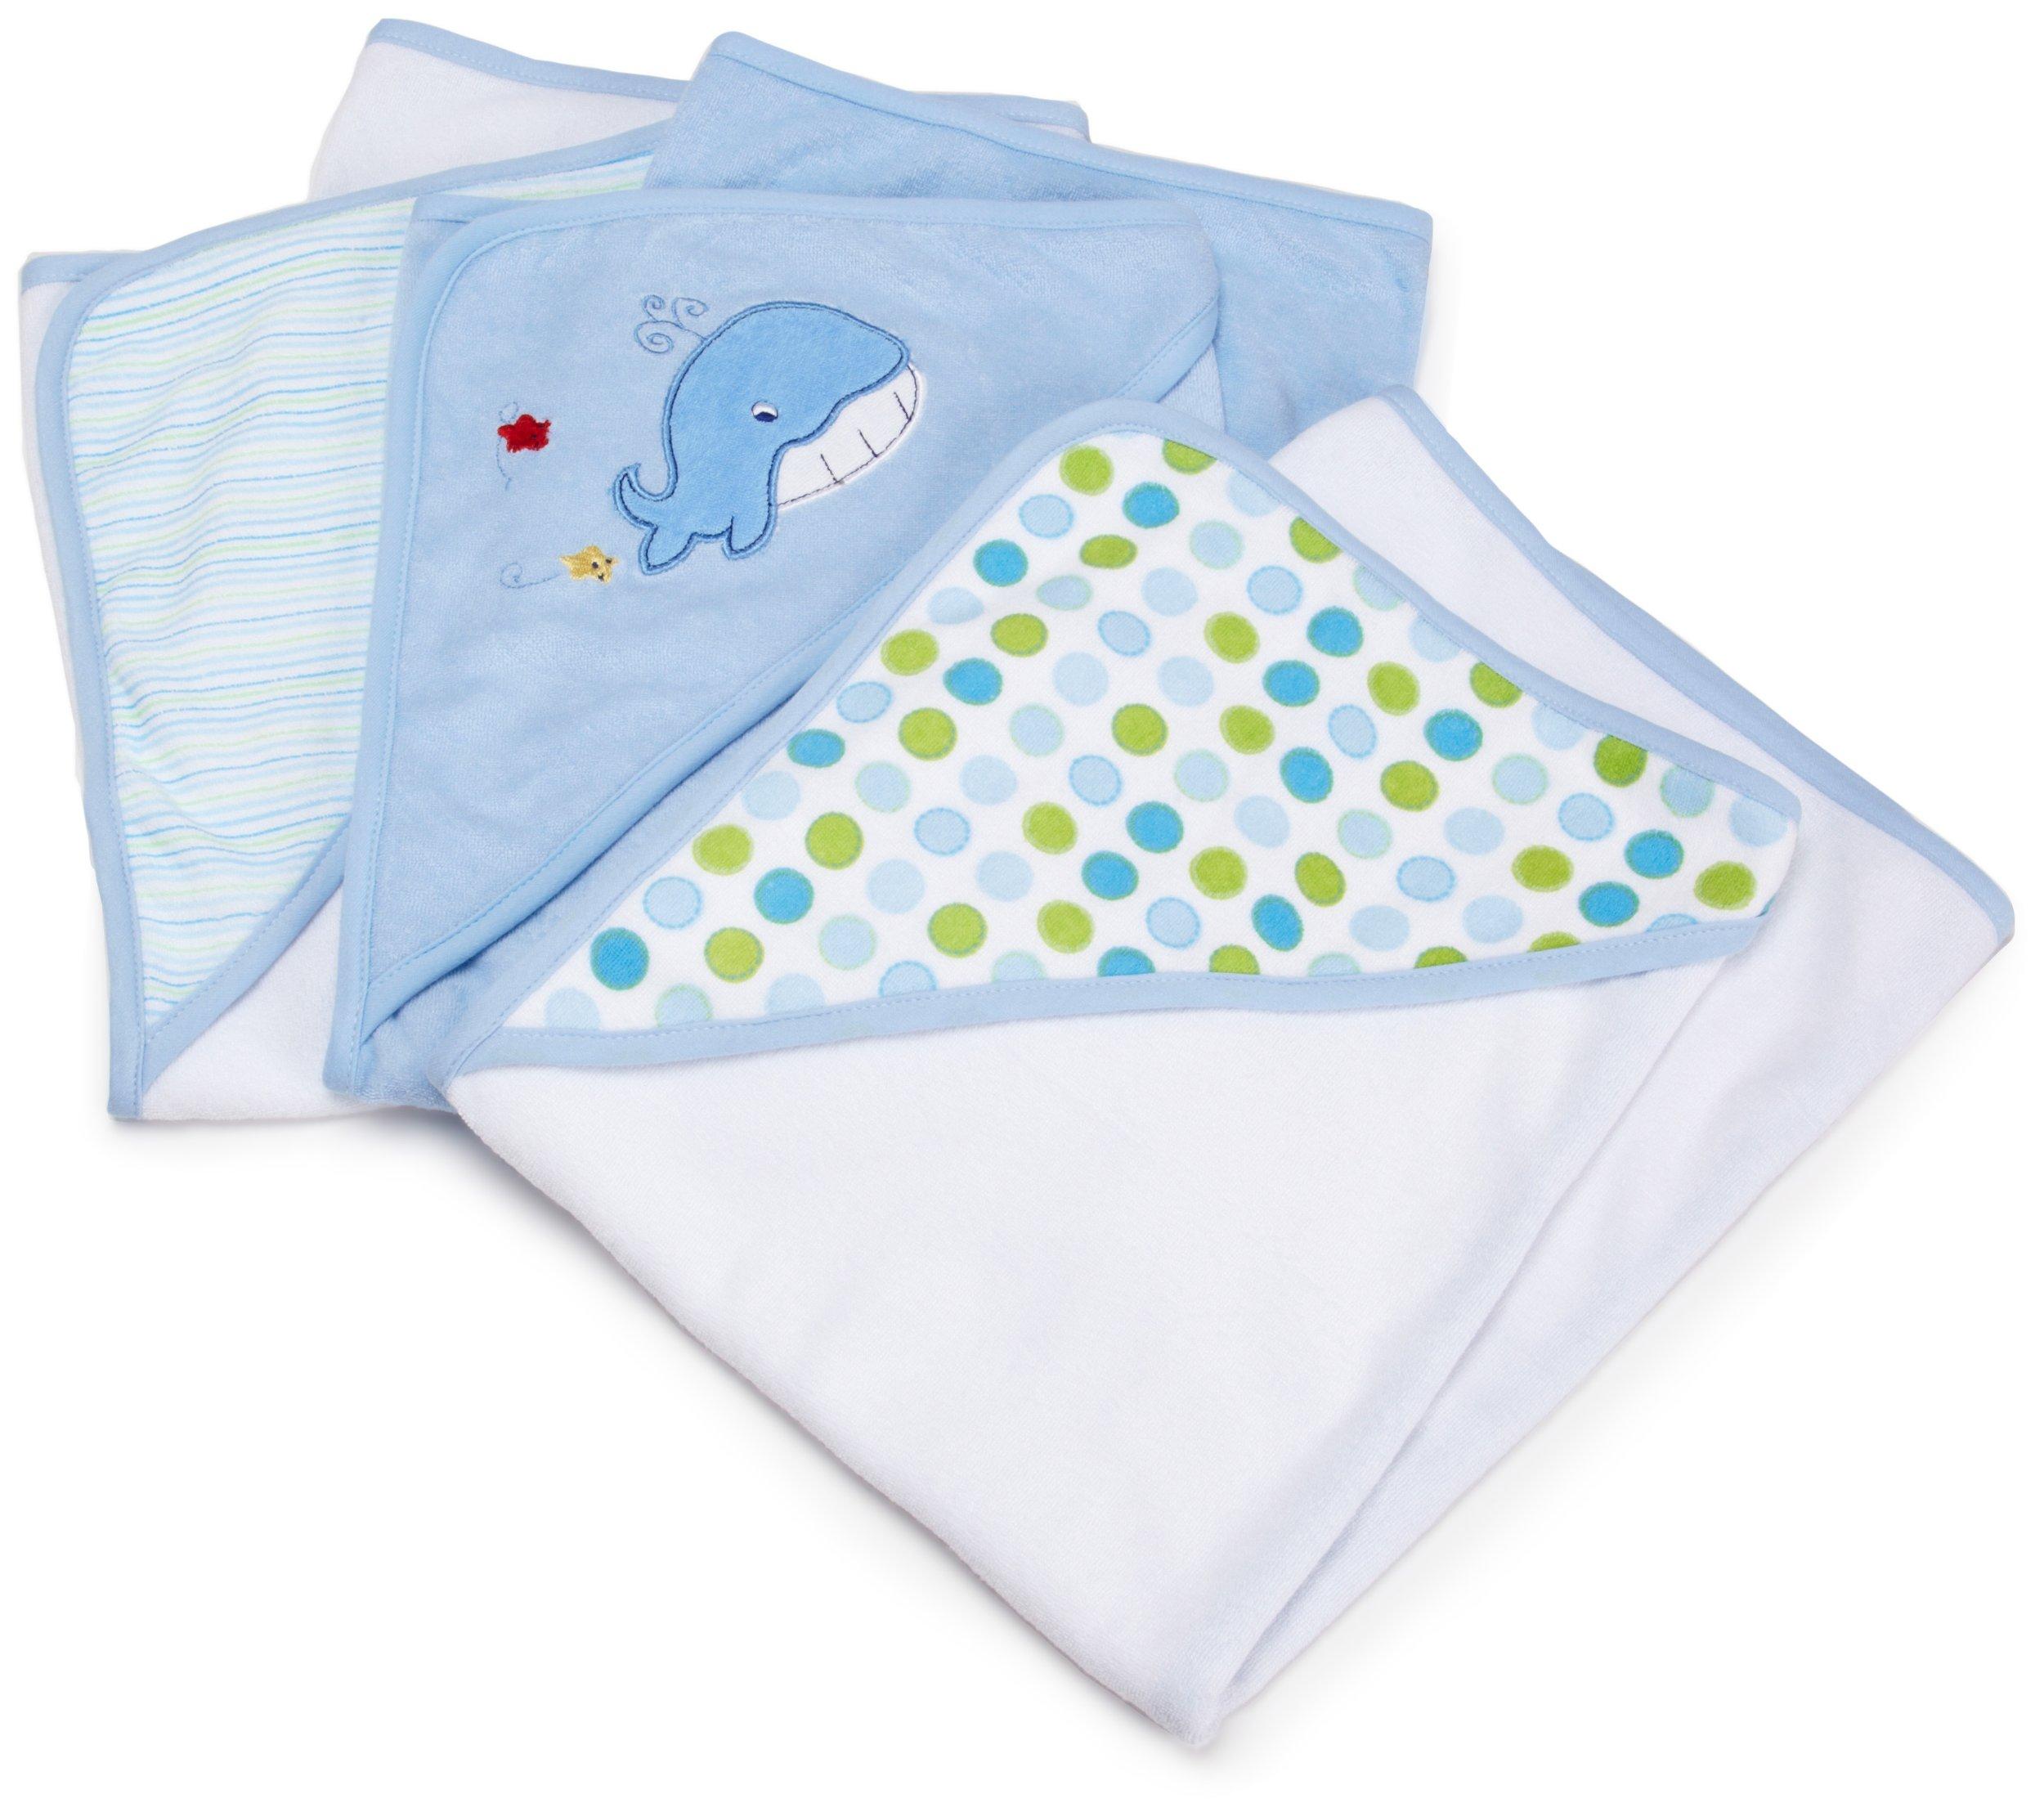 Spasilk 3 Pack Soft Terry Hooded Towel Set, Blue by Spasilk